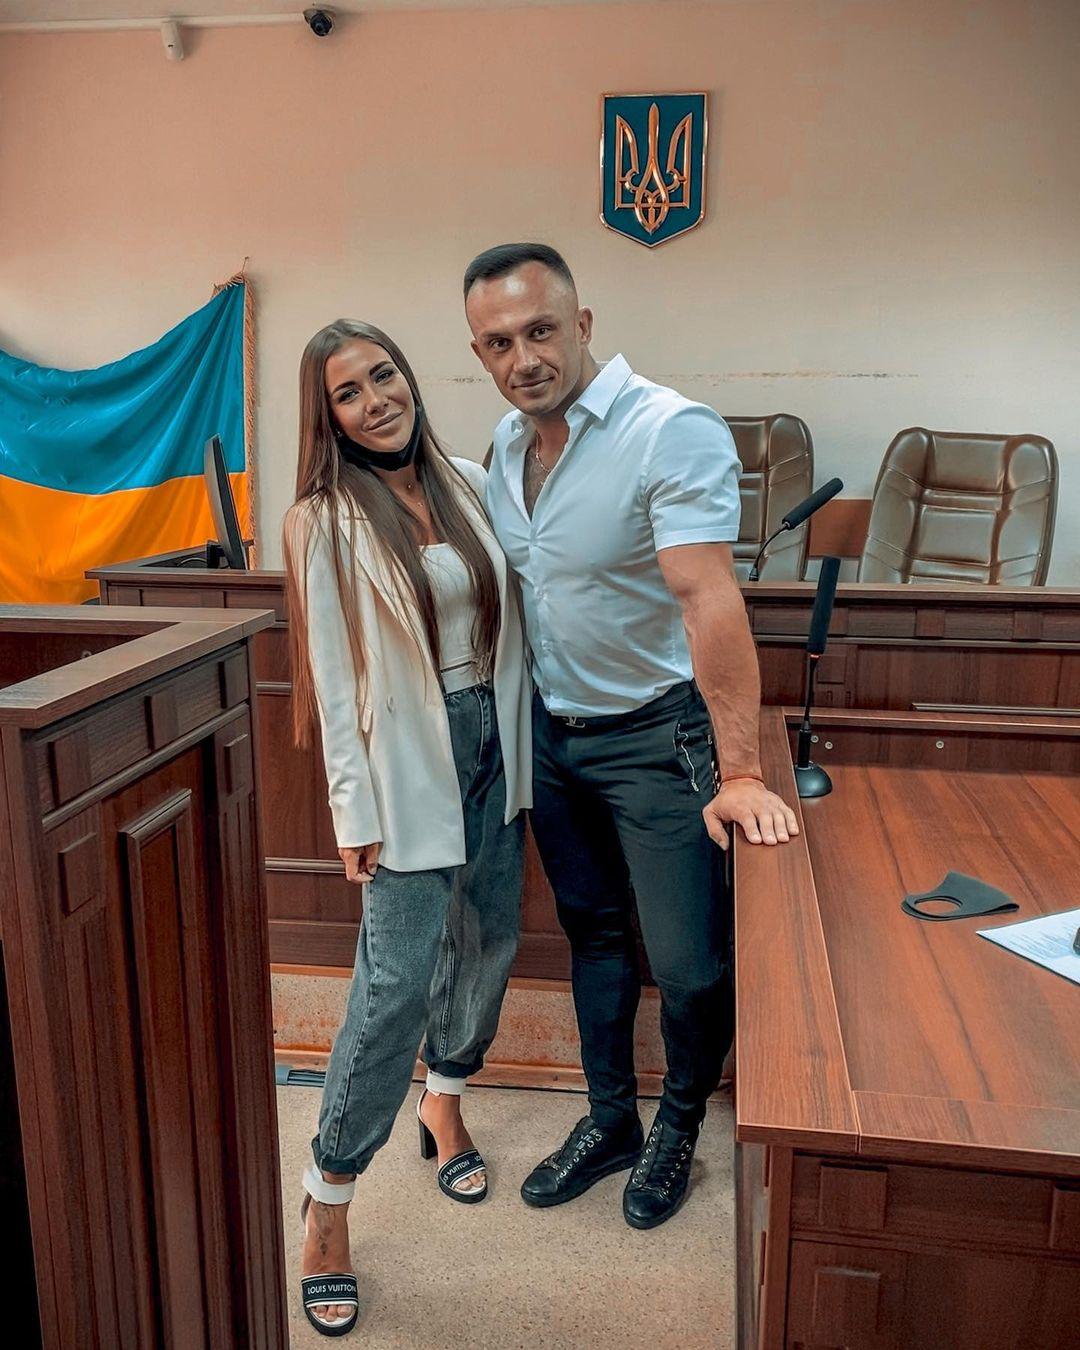 София Стужук и Дмитрий Стужук в зале суда